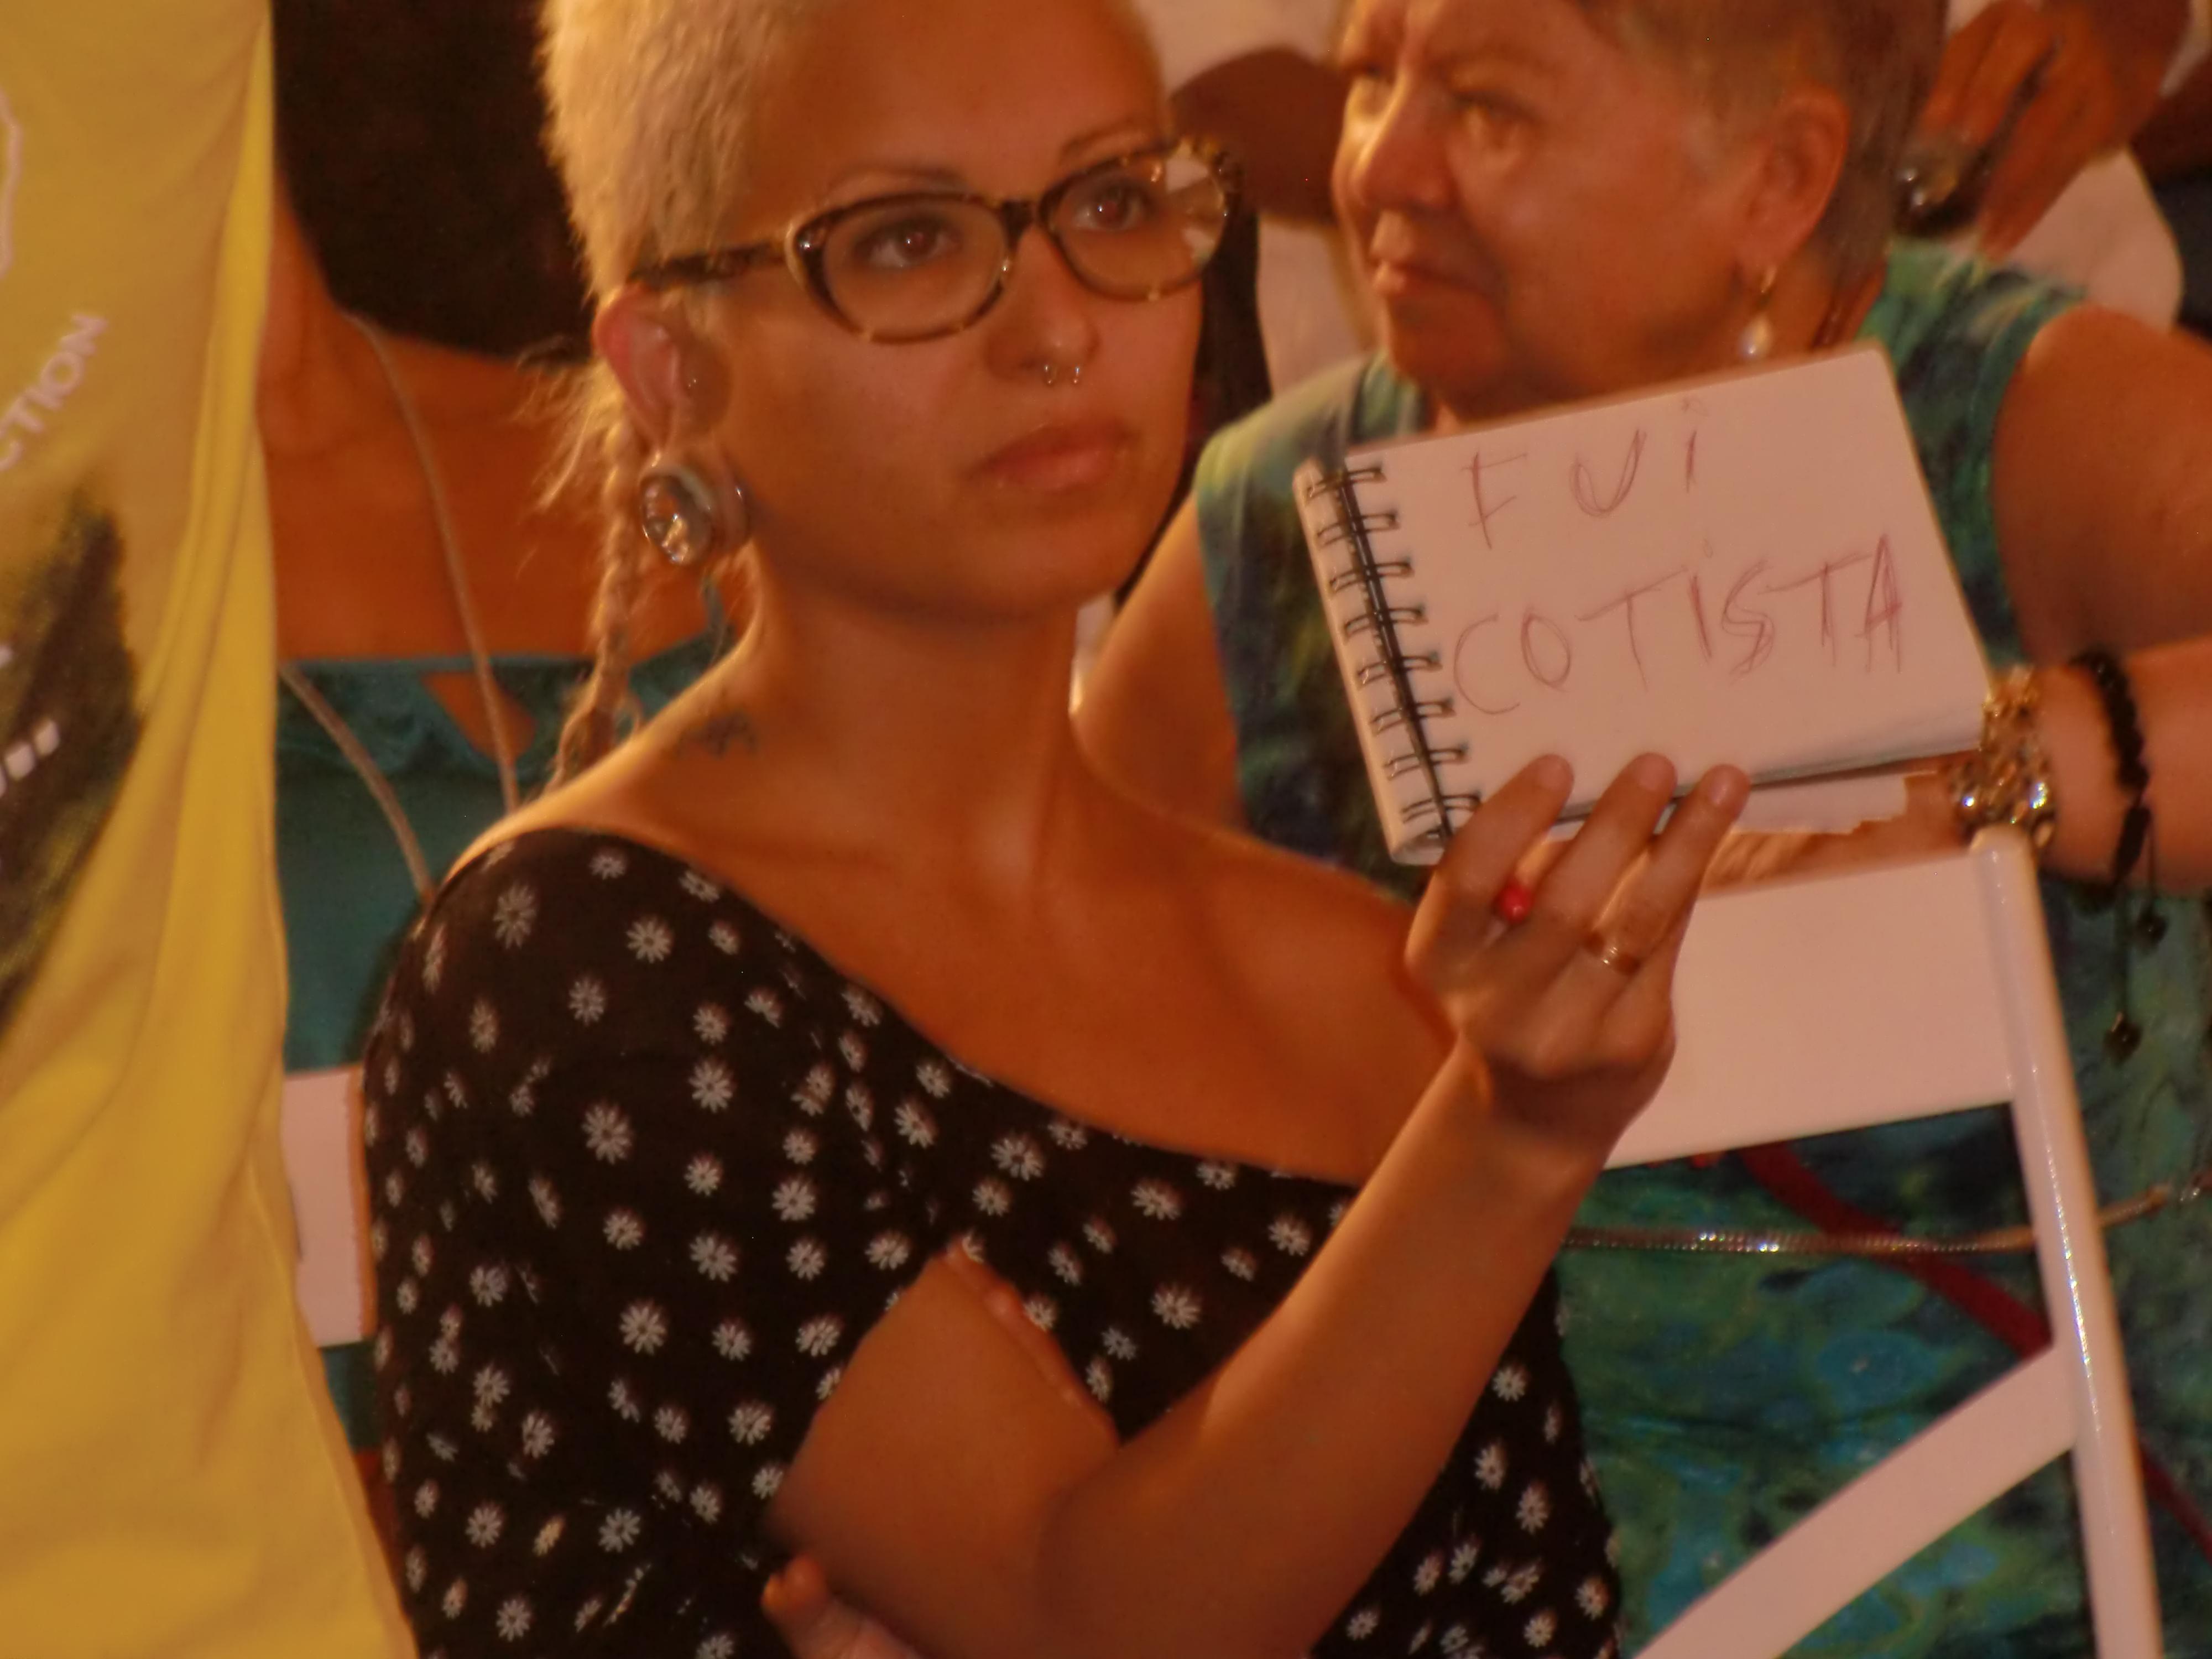 Protesto silencioso de estudante cotista Foto: Gustavo Salgado